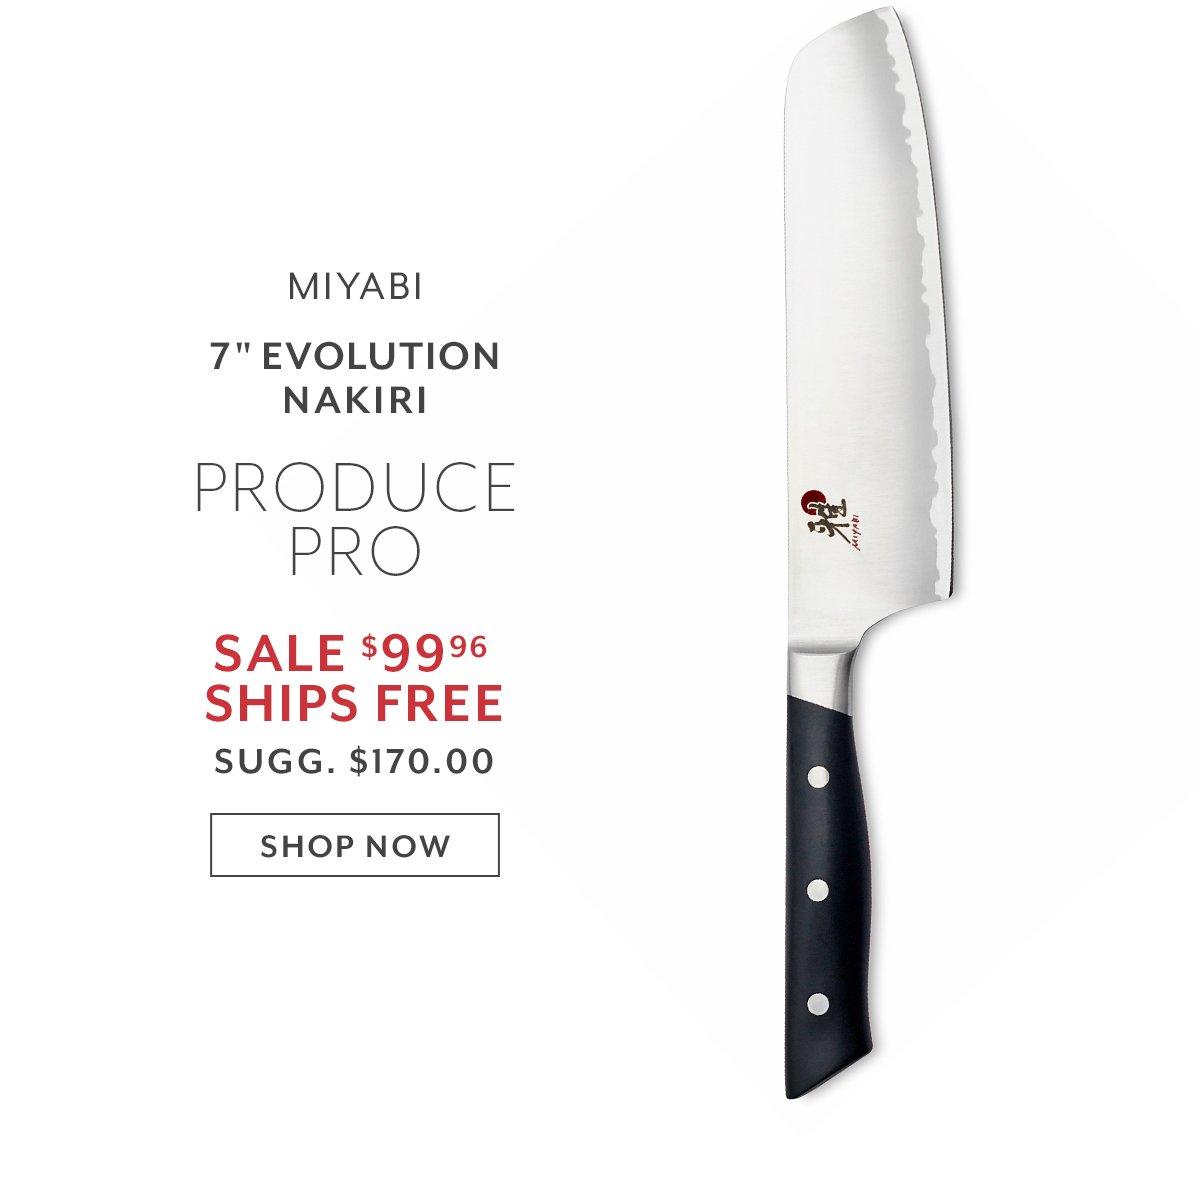 Miyabi 7